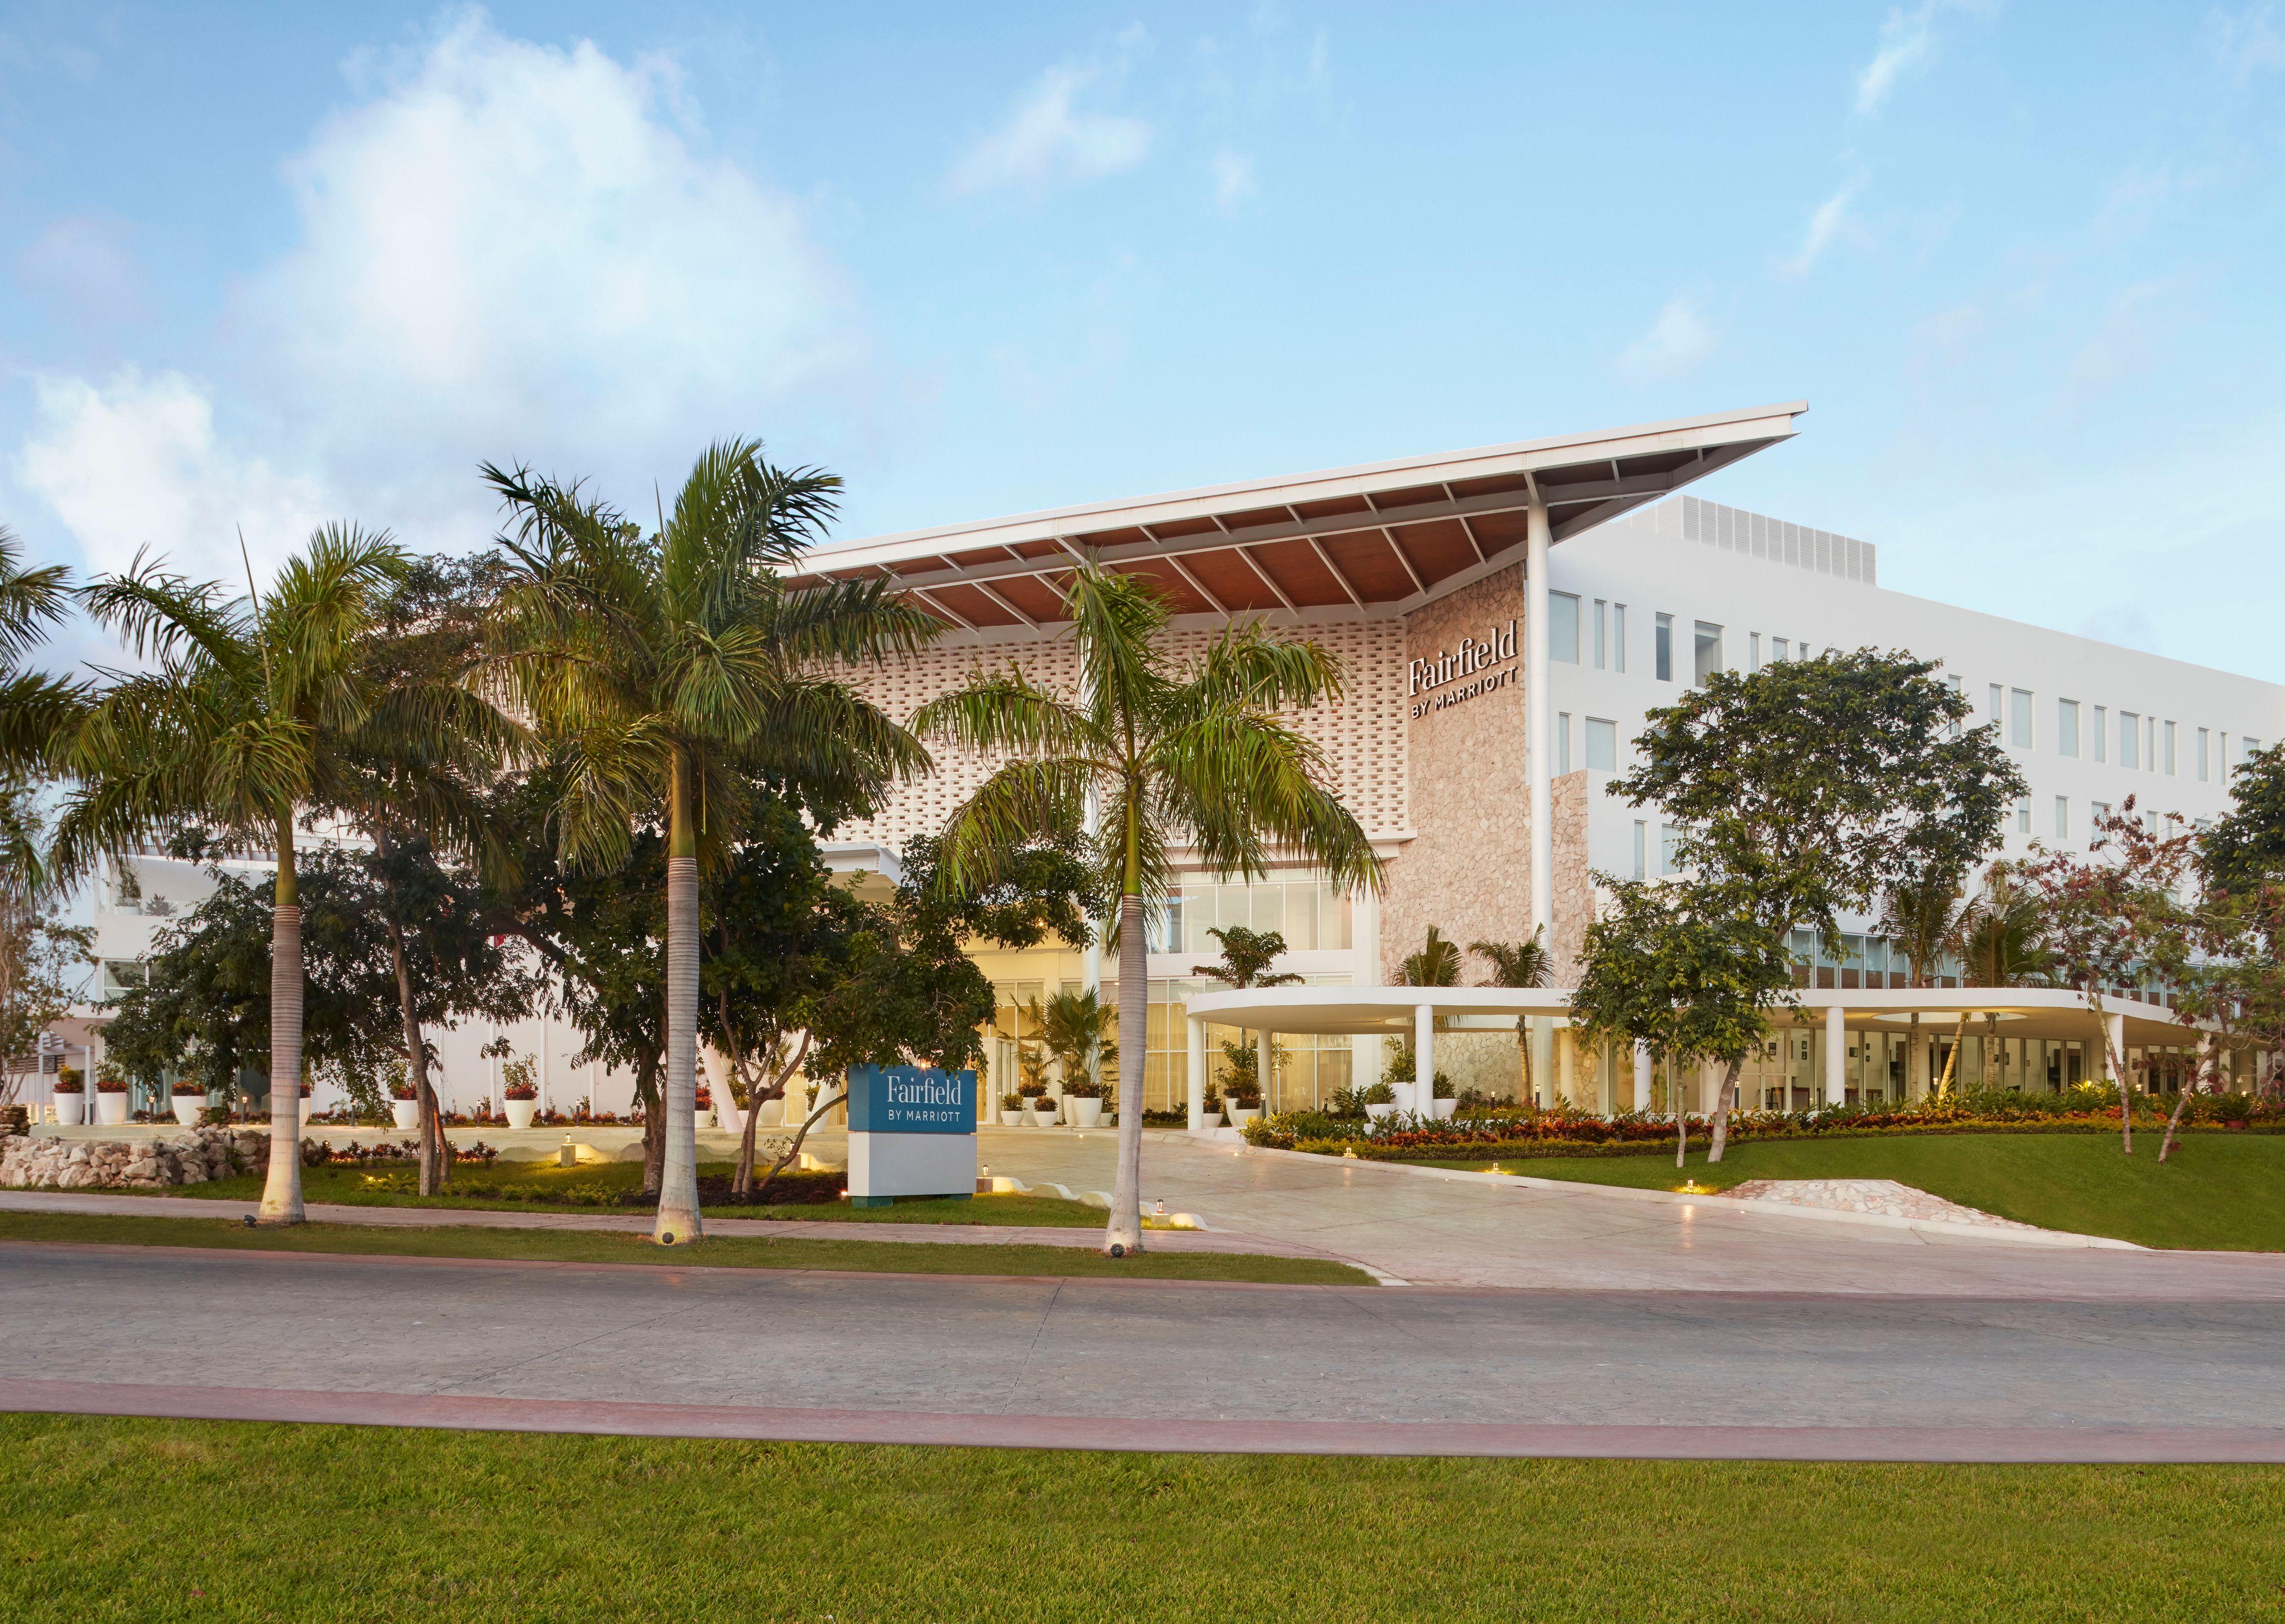 Fairfield_Inn_Cancun_Mexico.jpg